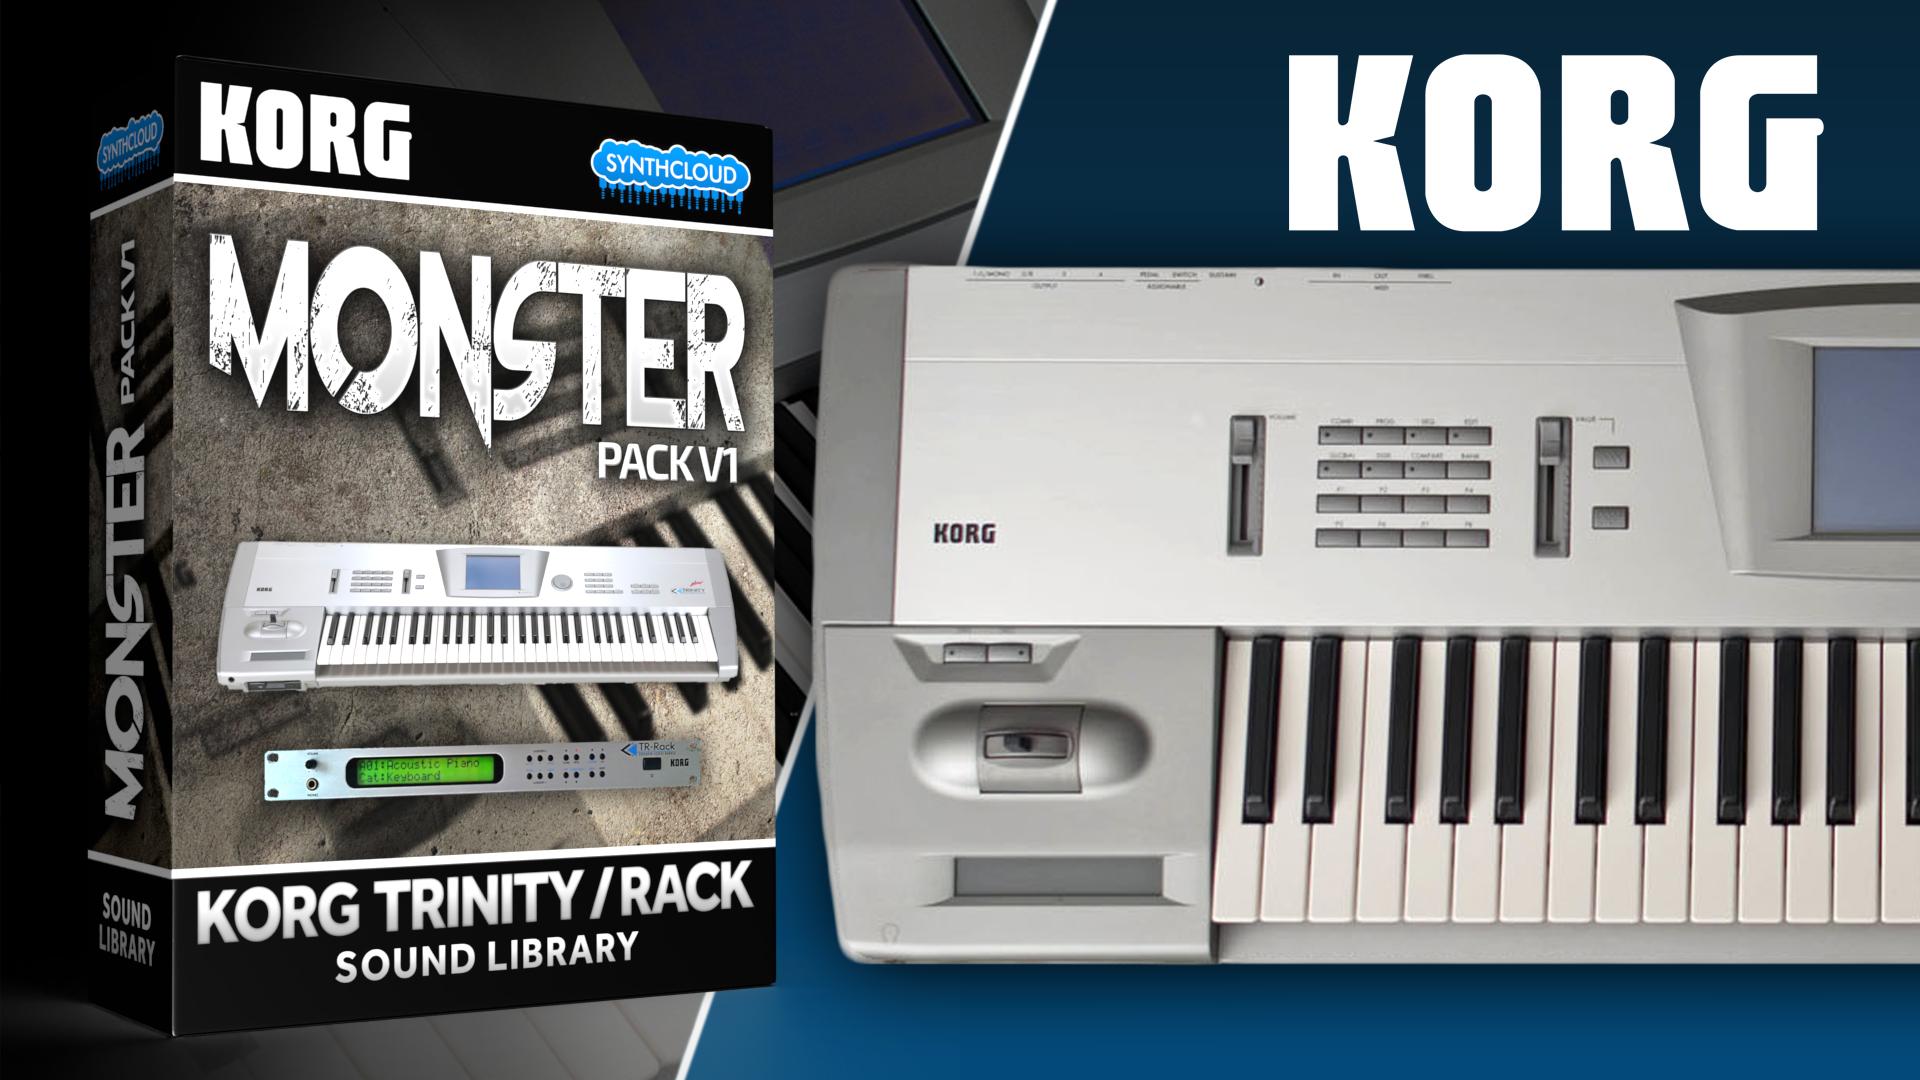 LDX22 - Monster Pack V1 - Korg Trinity / Rack